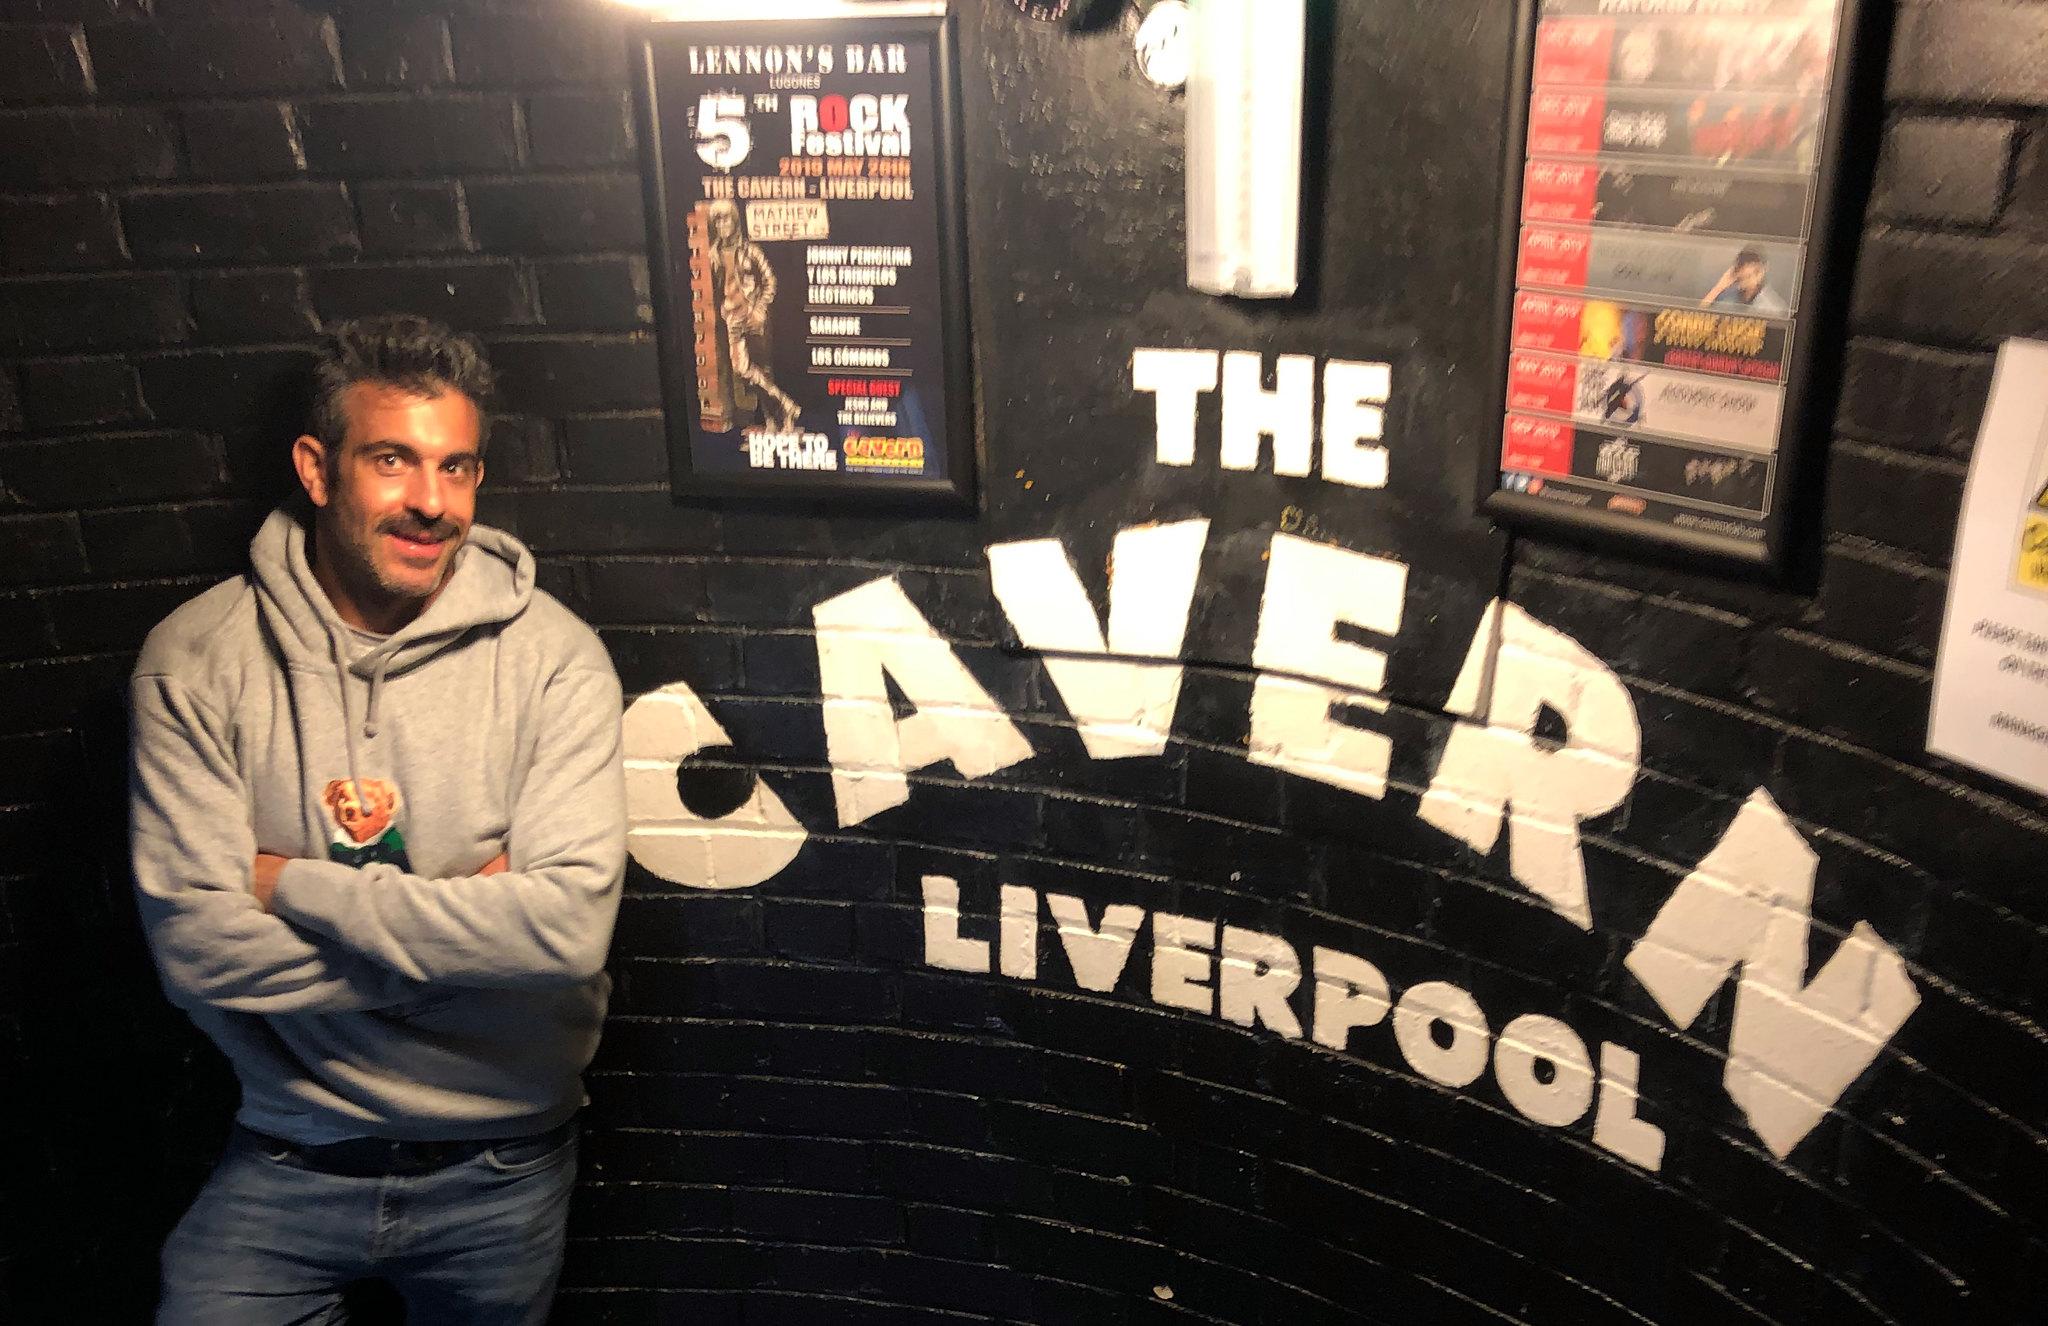 Maratón de Liverpool, Marathon maratón de liverpool - 48687231253 6b194f7485 k - Maratón de Liverpool: análisis, recorrido, entrenamiento y recomendaciones de viaje